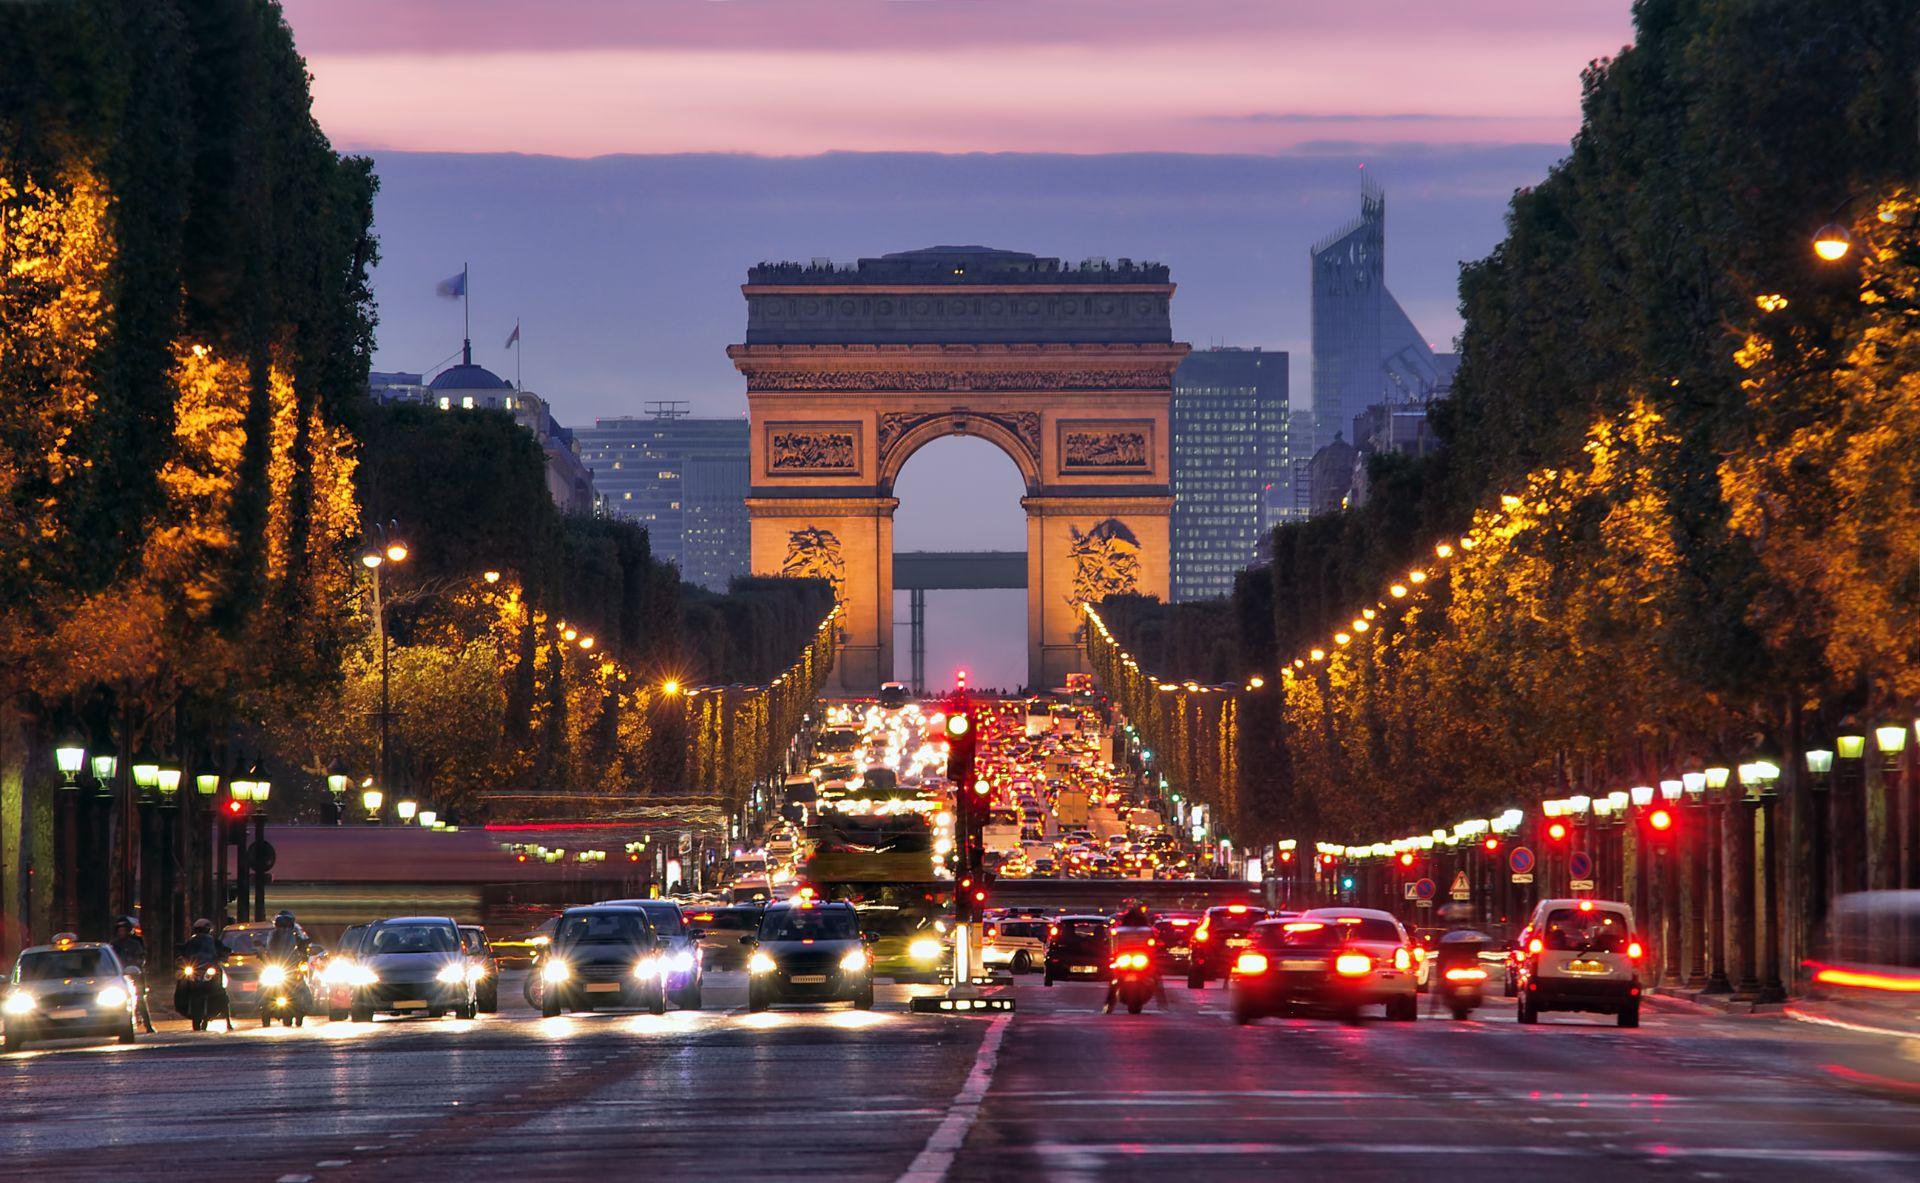 transito de paris a noite avenida champs elysees arco do triunfo ao fundo